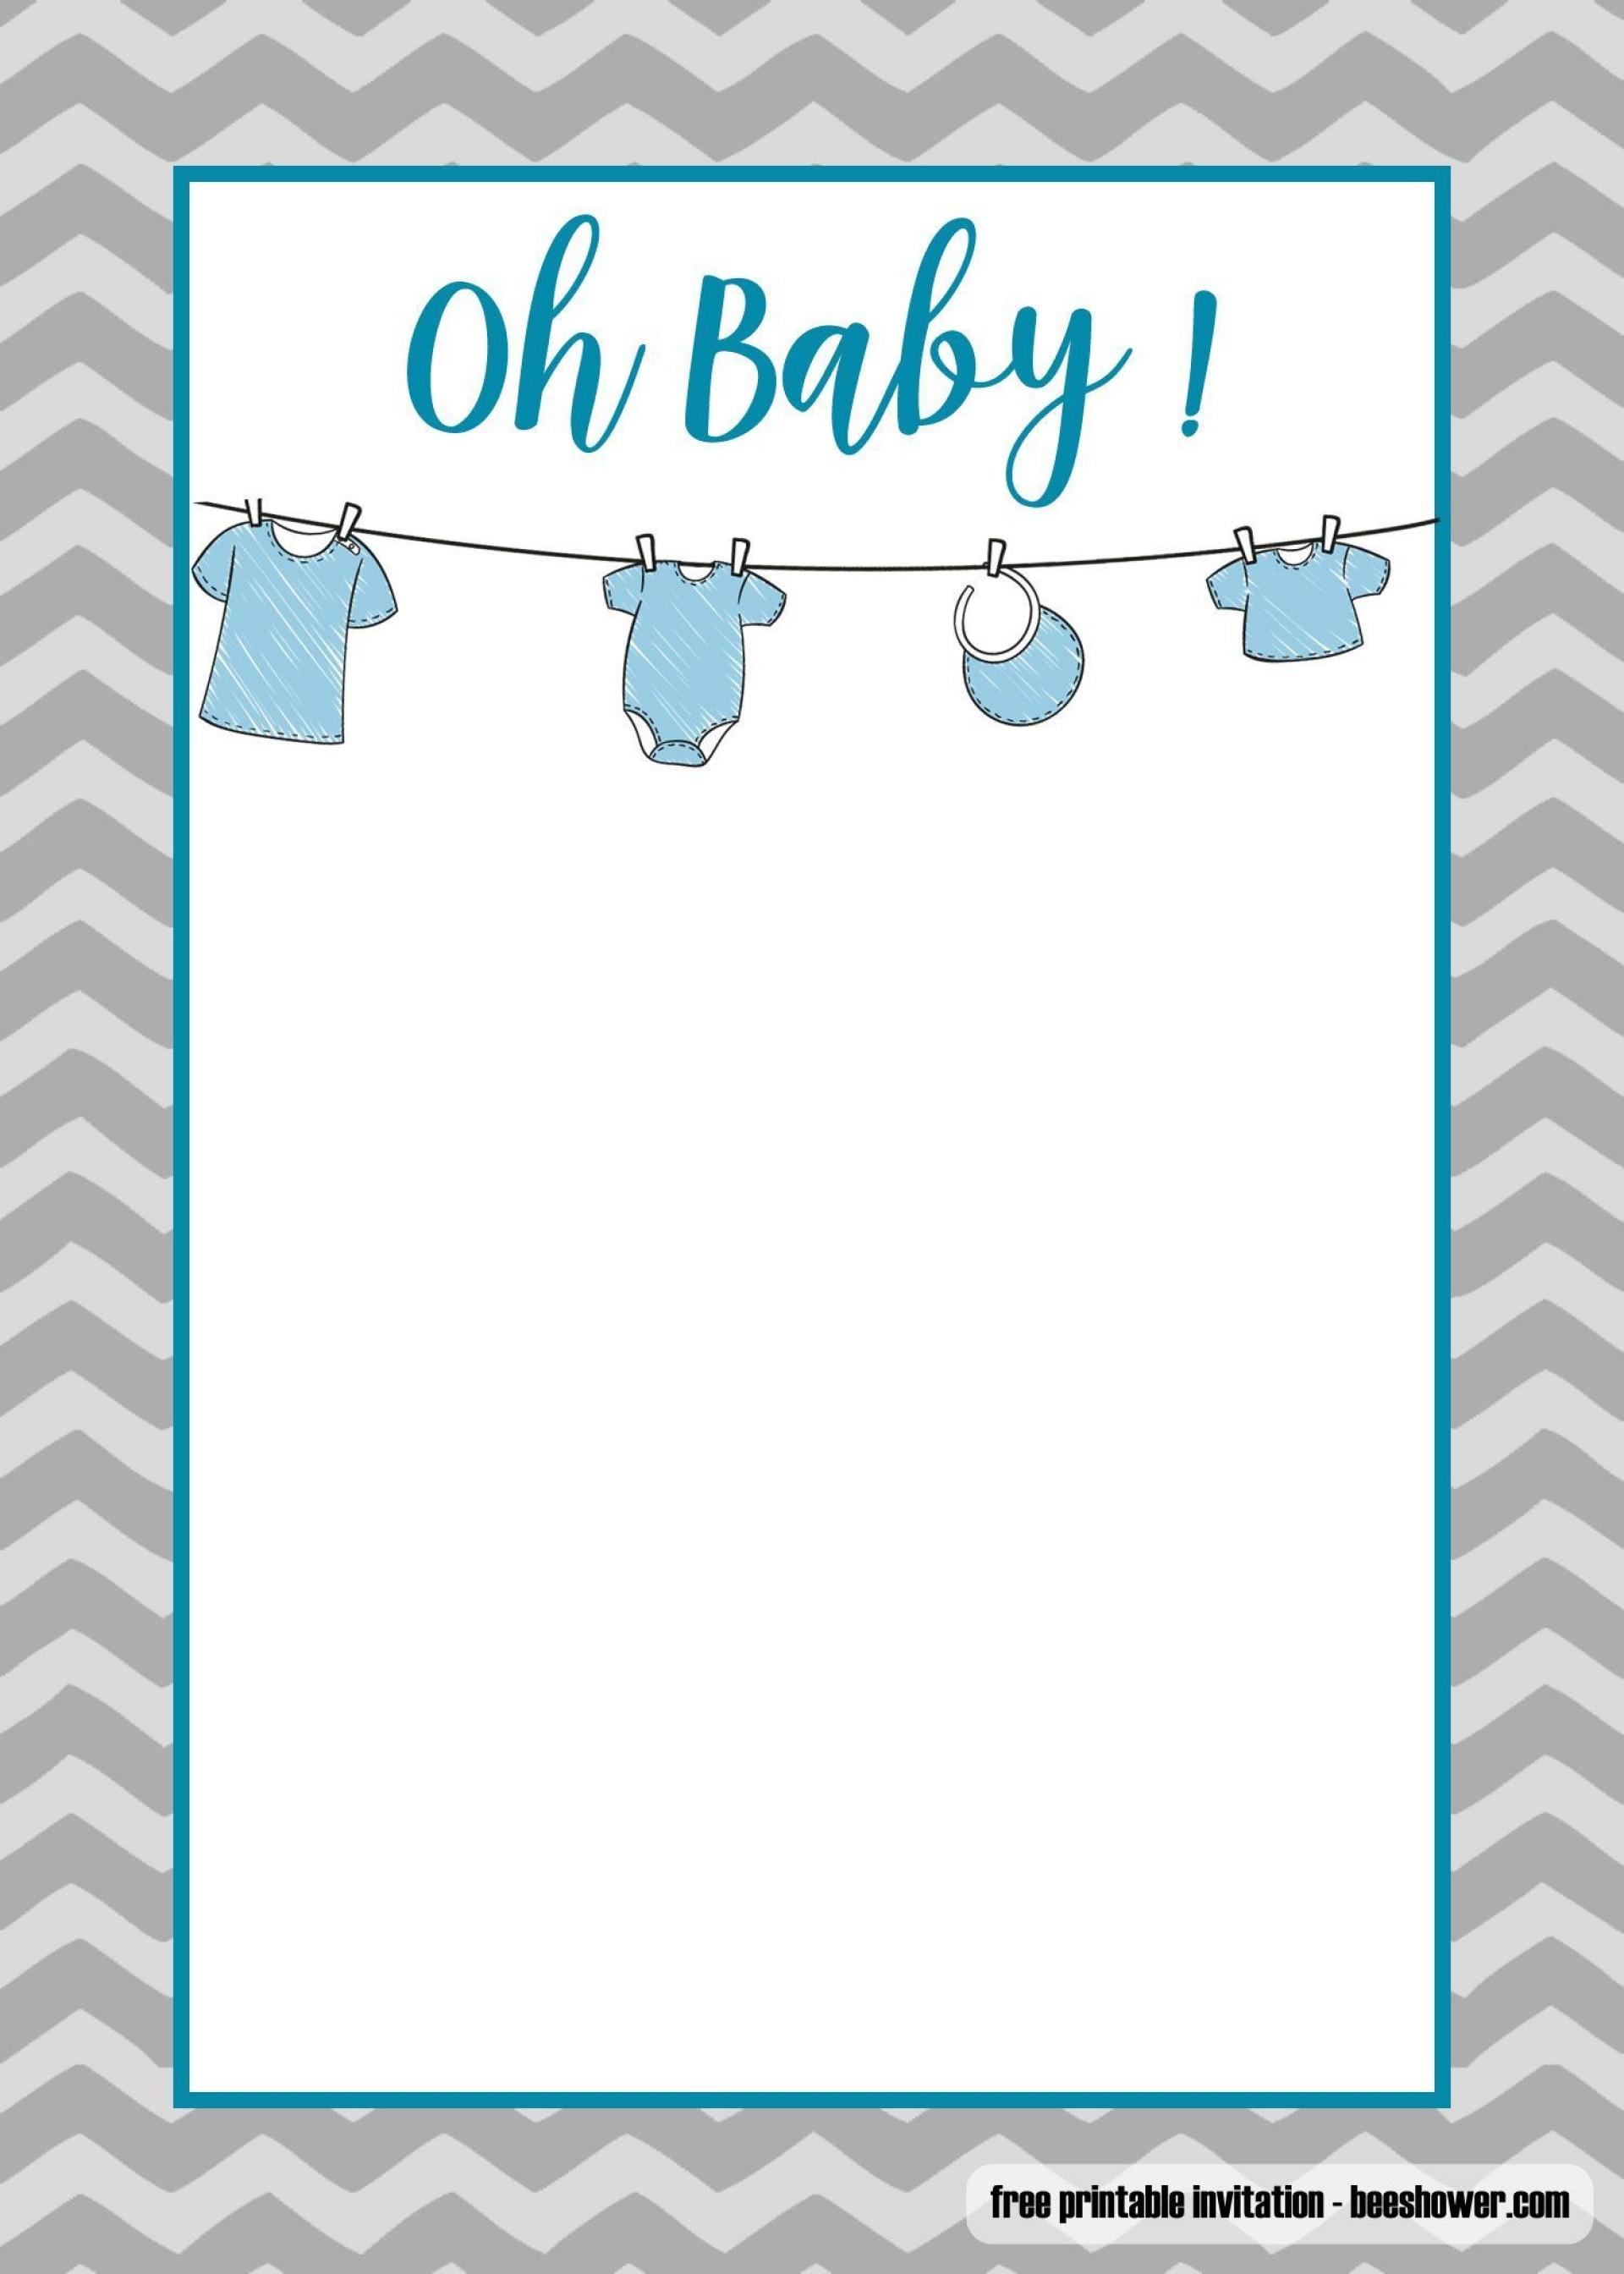 006 Phenomenal Onesie Baby Shower Invitation Template Image  Free1920